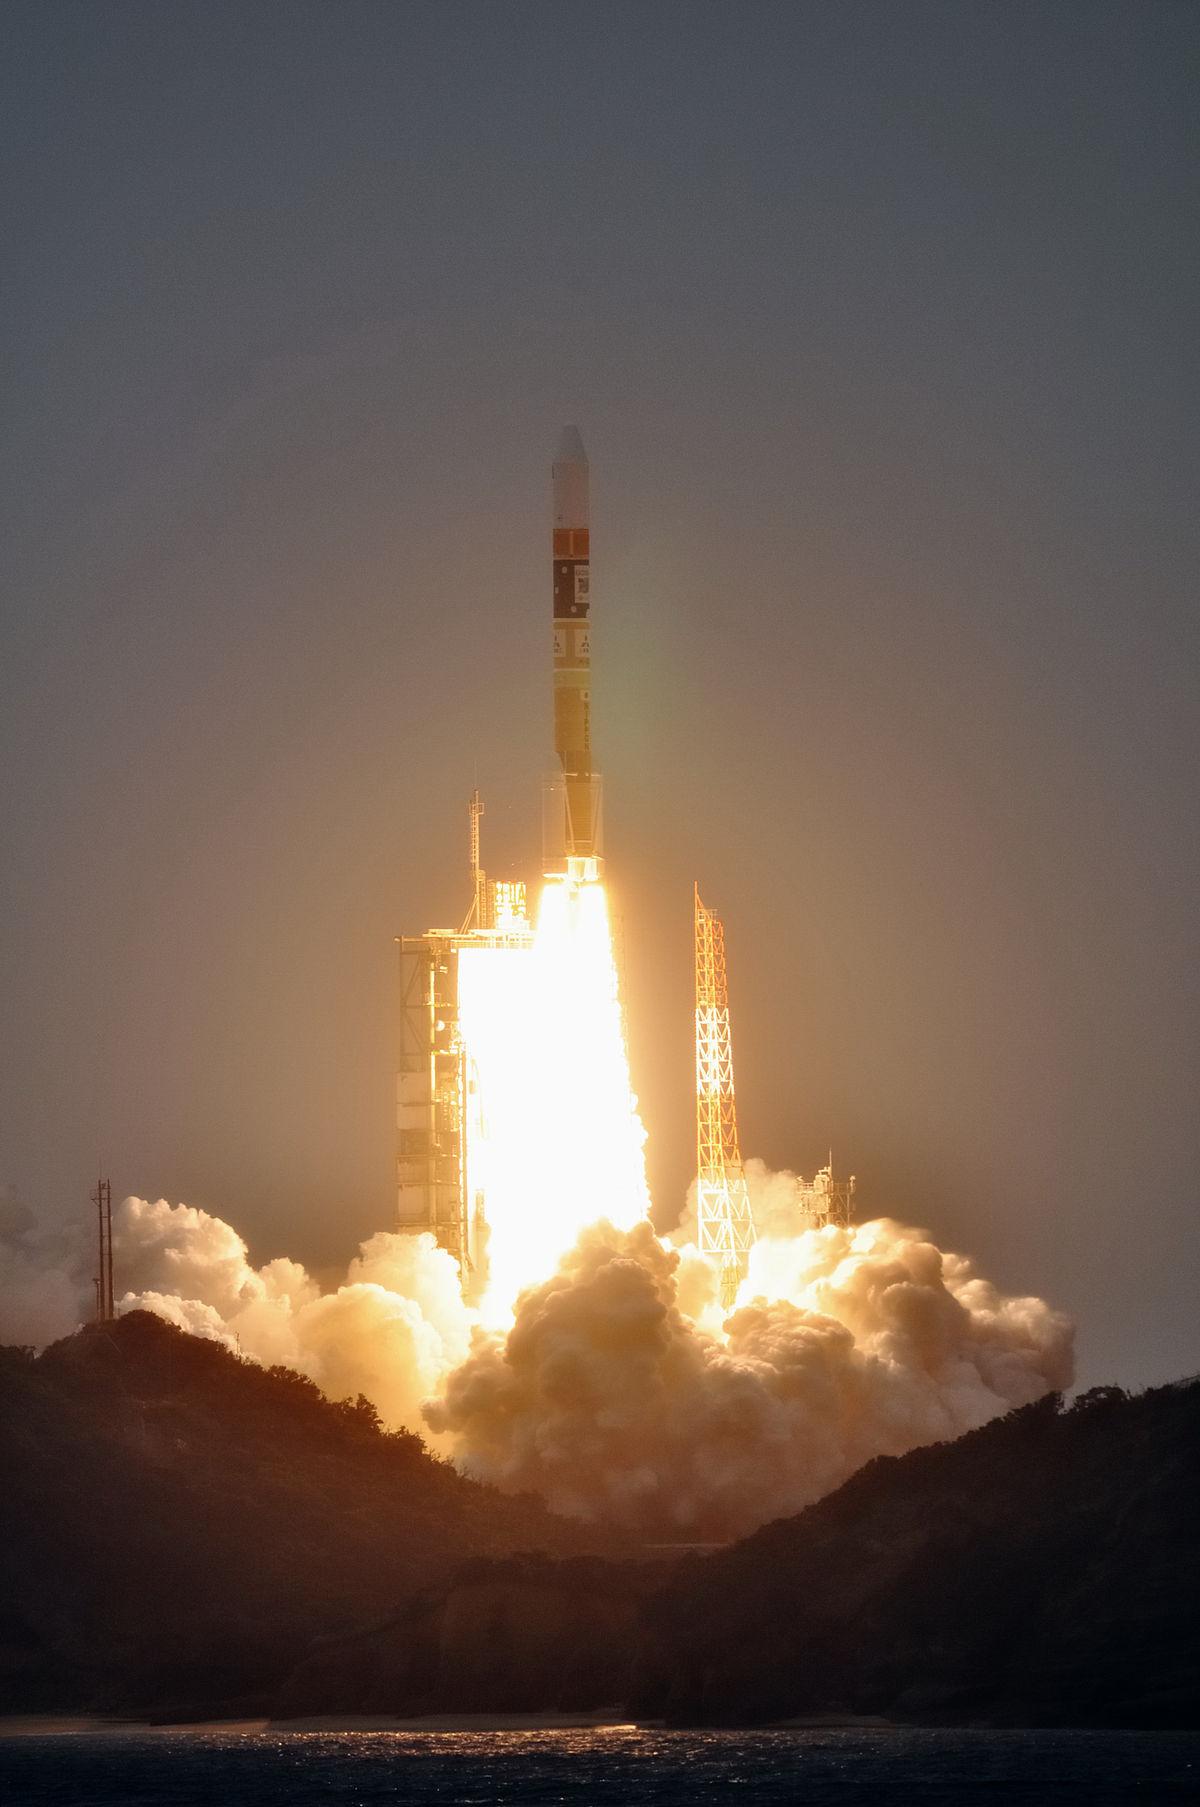 developmental spacecraft - photo #23